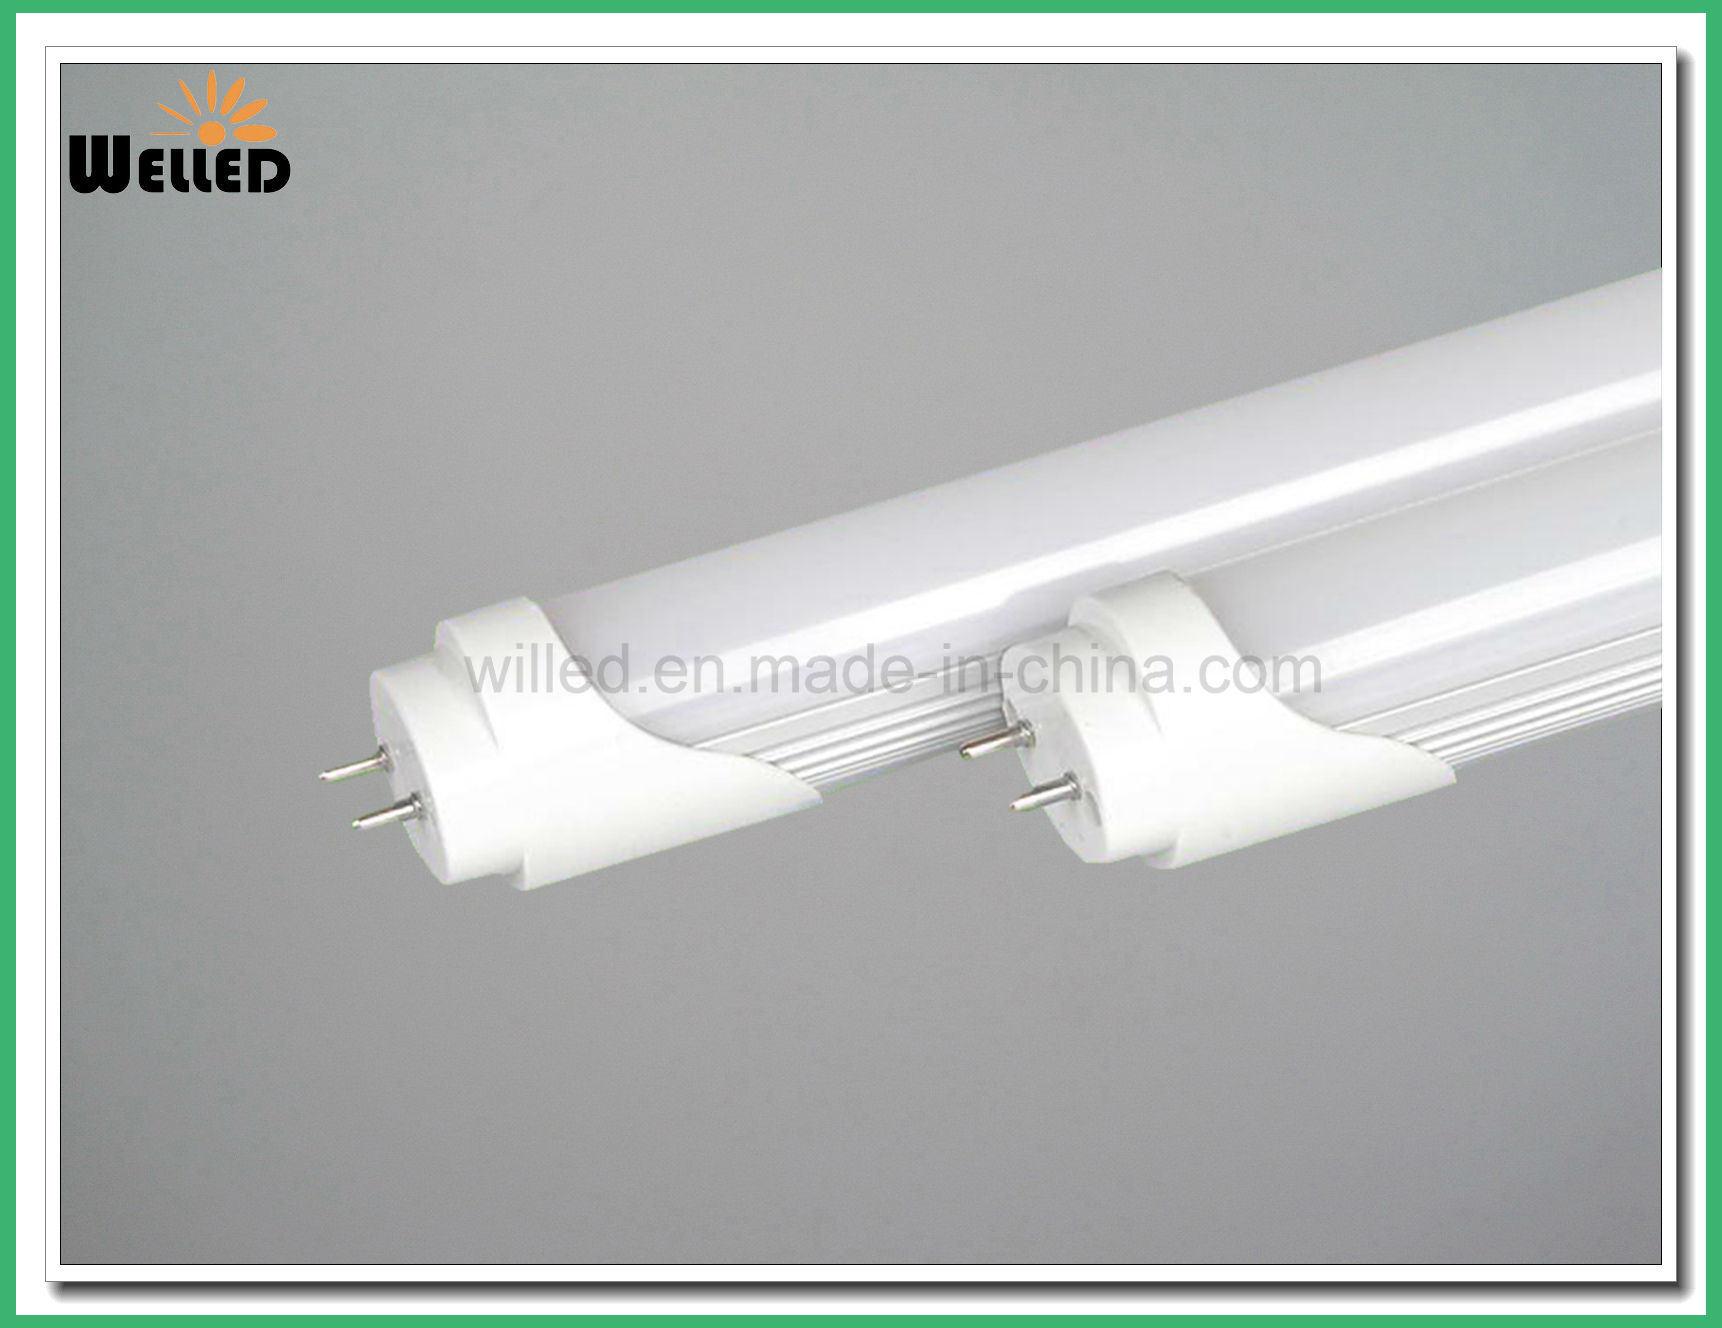 1.2m 4FT T8 LED Tube Light 25W LED T8 Fluorescent Light 1200mm 120cm